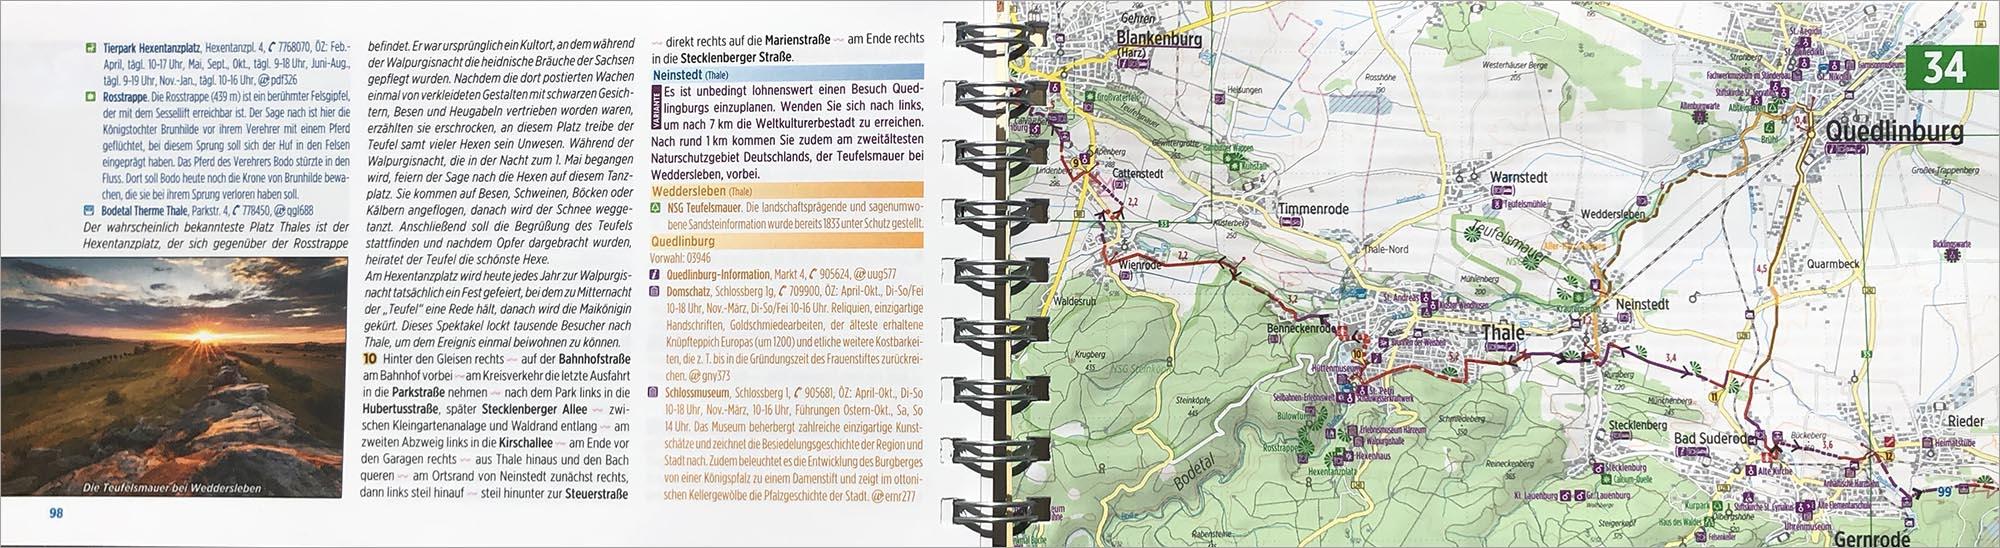 Voorbeeldpagina's routegids naar Berlijn.